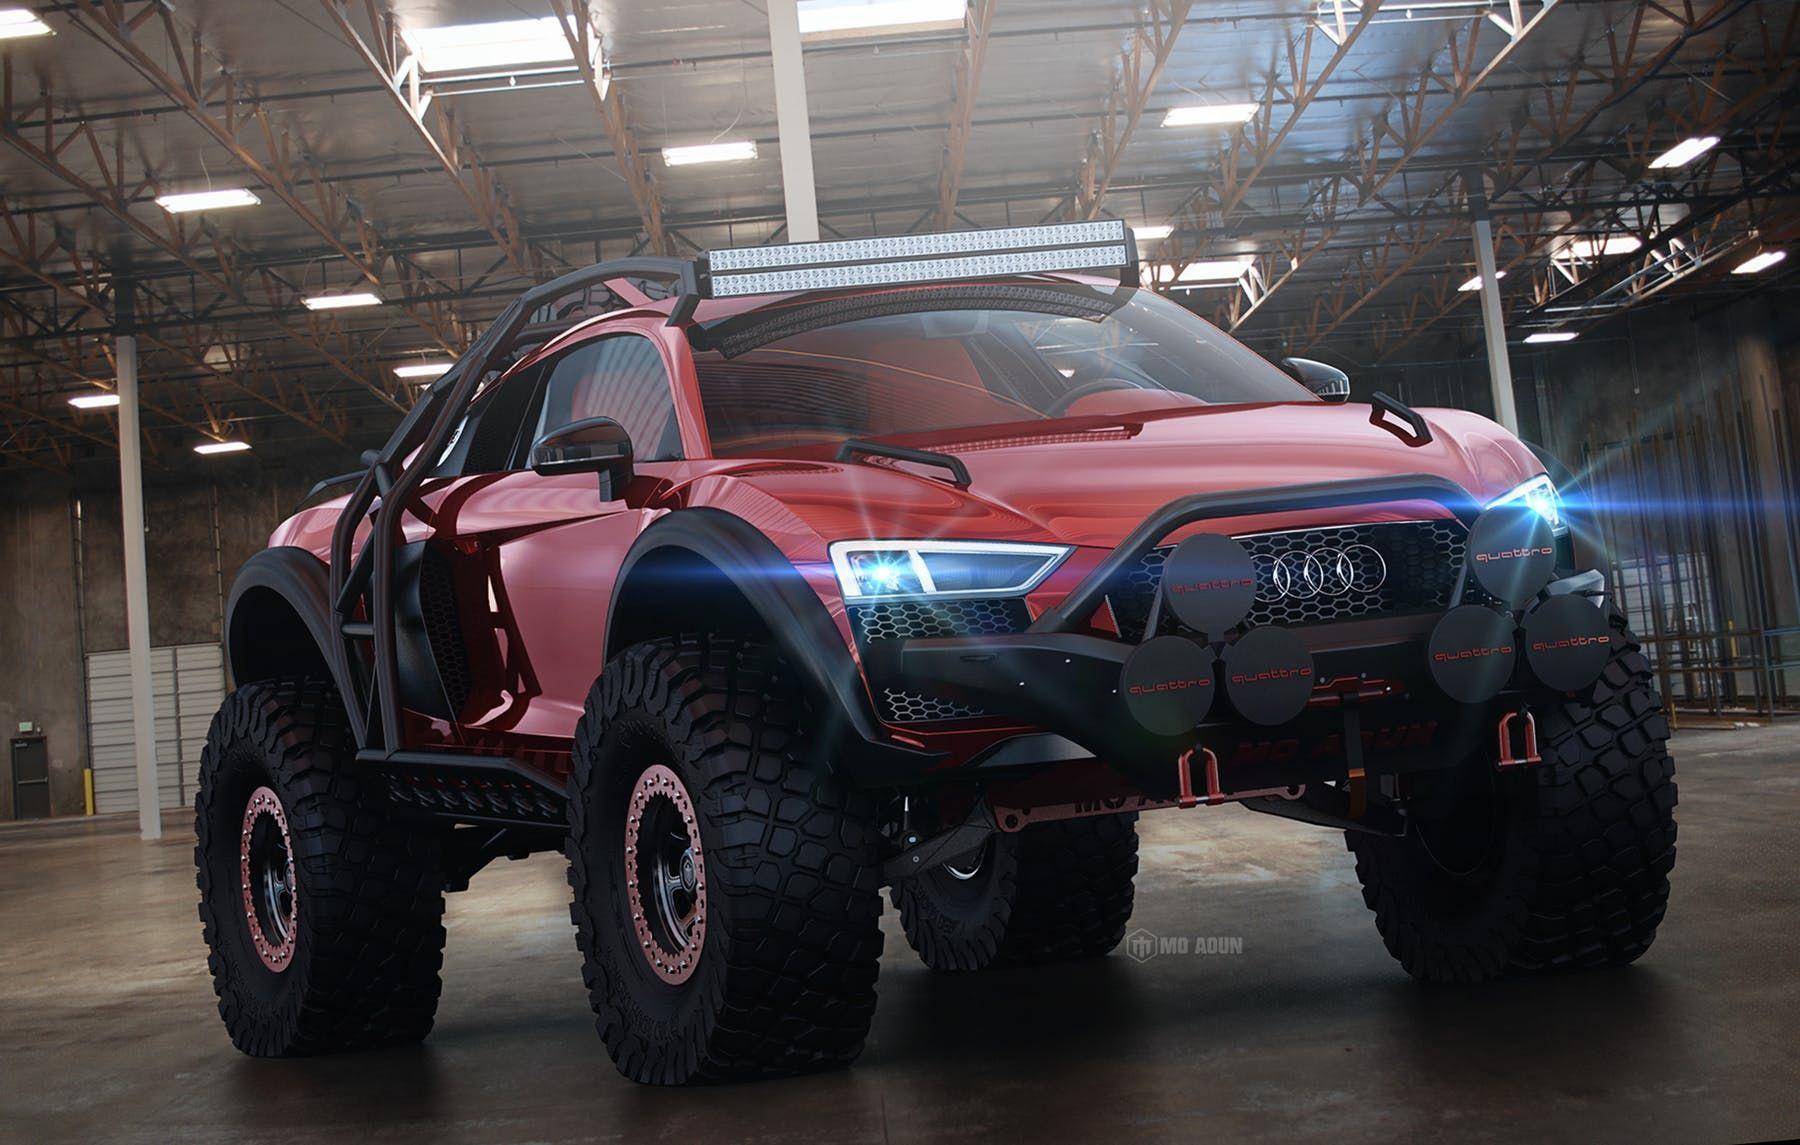 Audi R8 Beast Mood 4x4 A New Rally Dakar Idea Drivetribe Trucks Modified Cars Audi